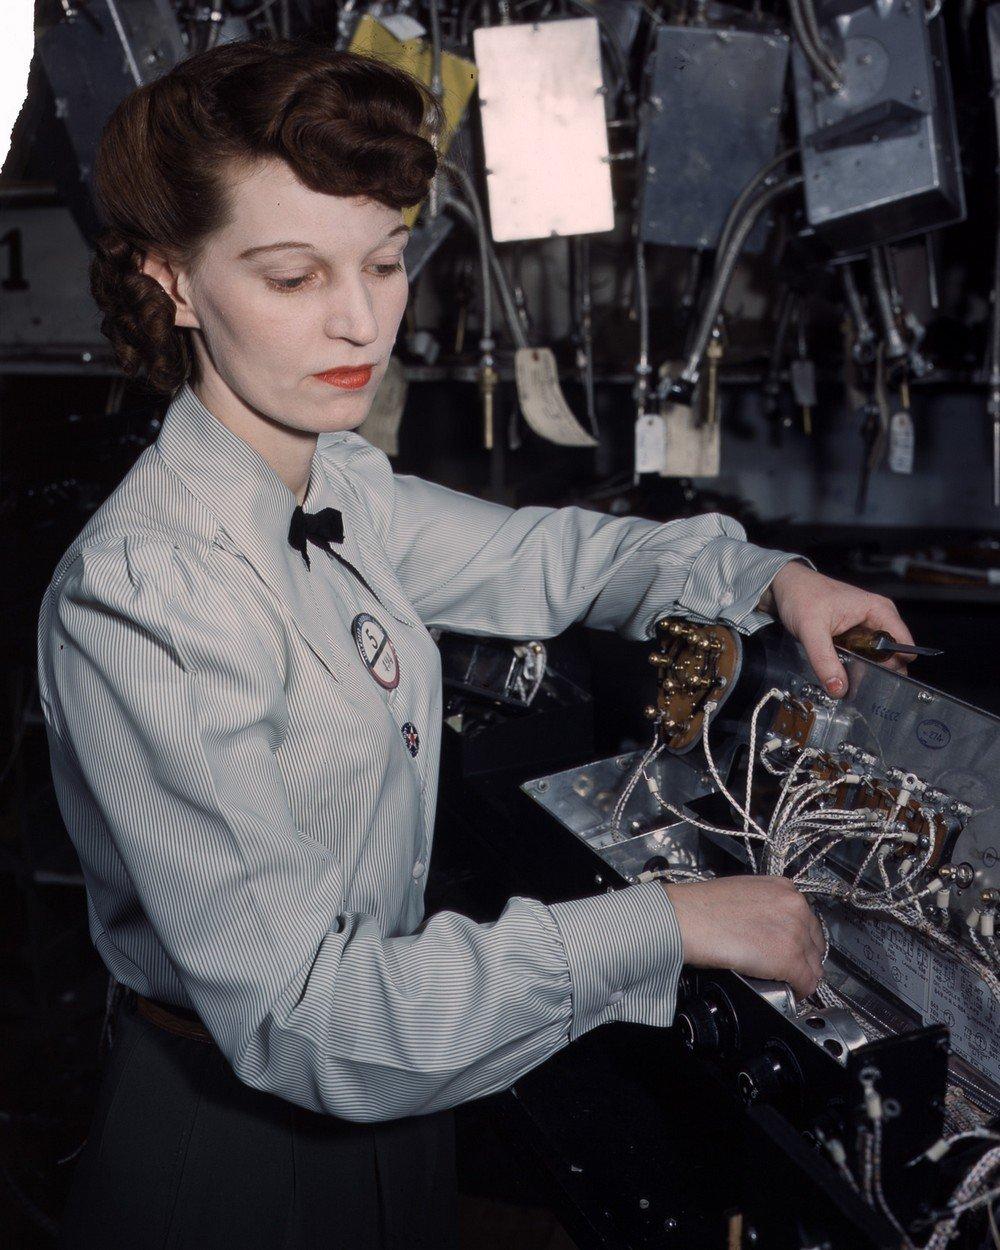 womenworkers-32